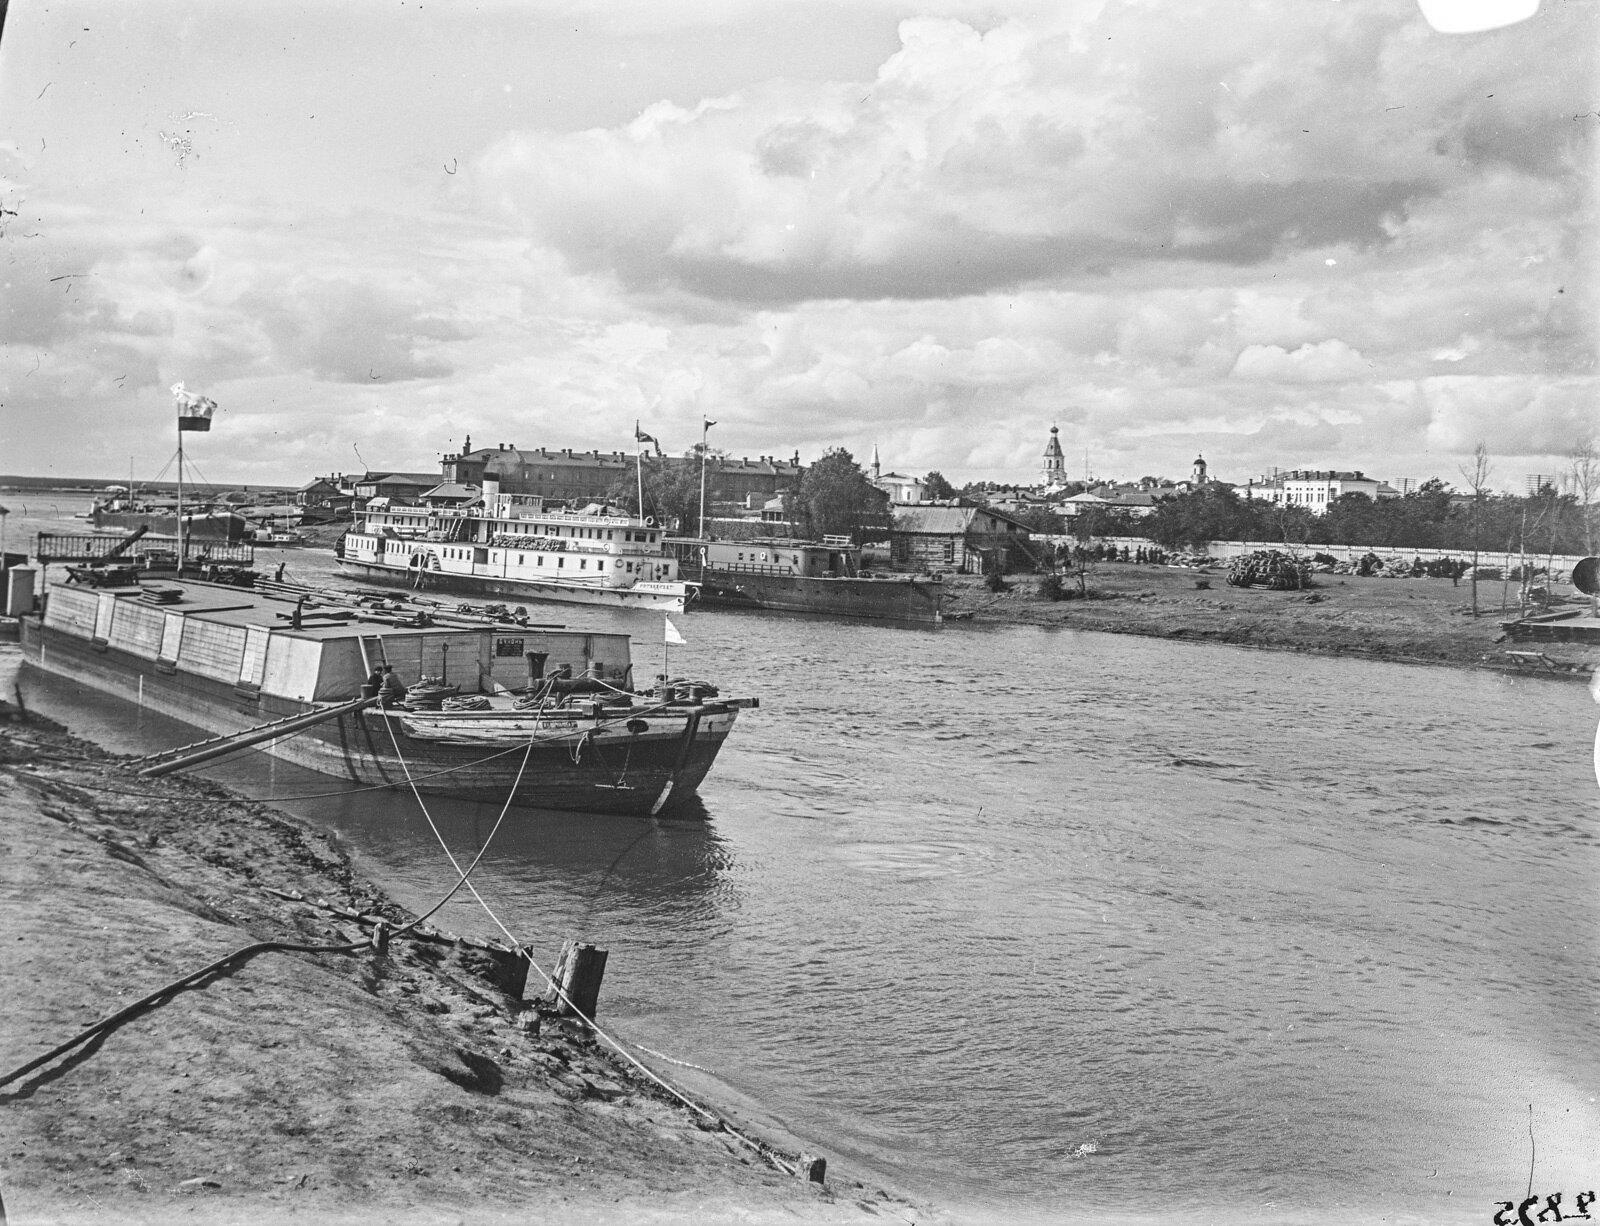 07. Барнаул. Канал с грузовыми кораблями